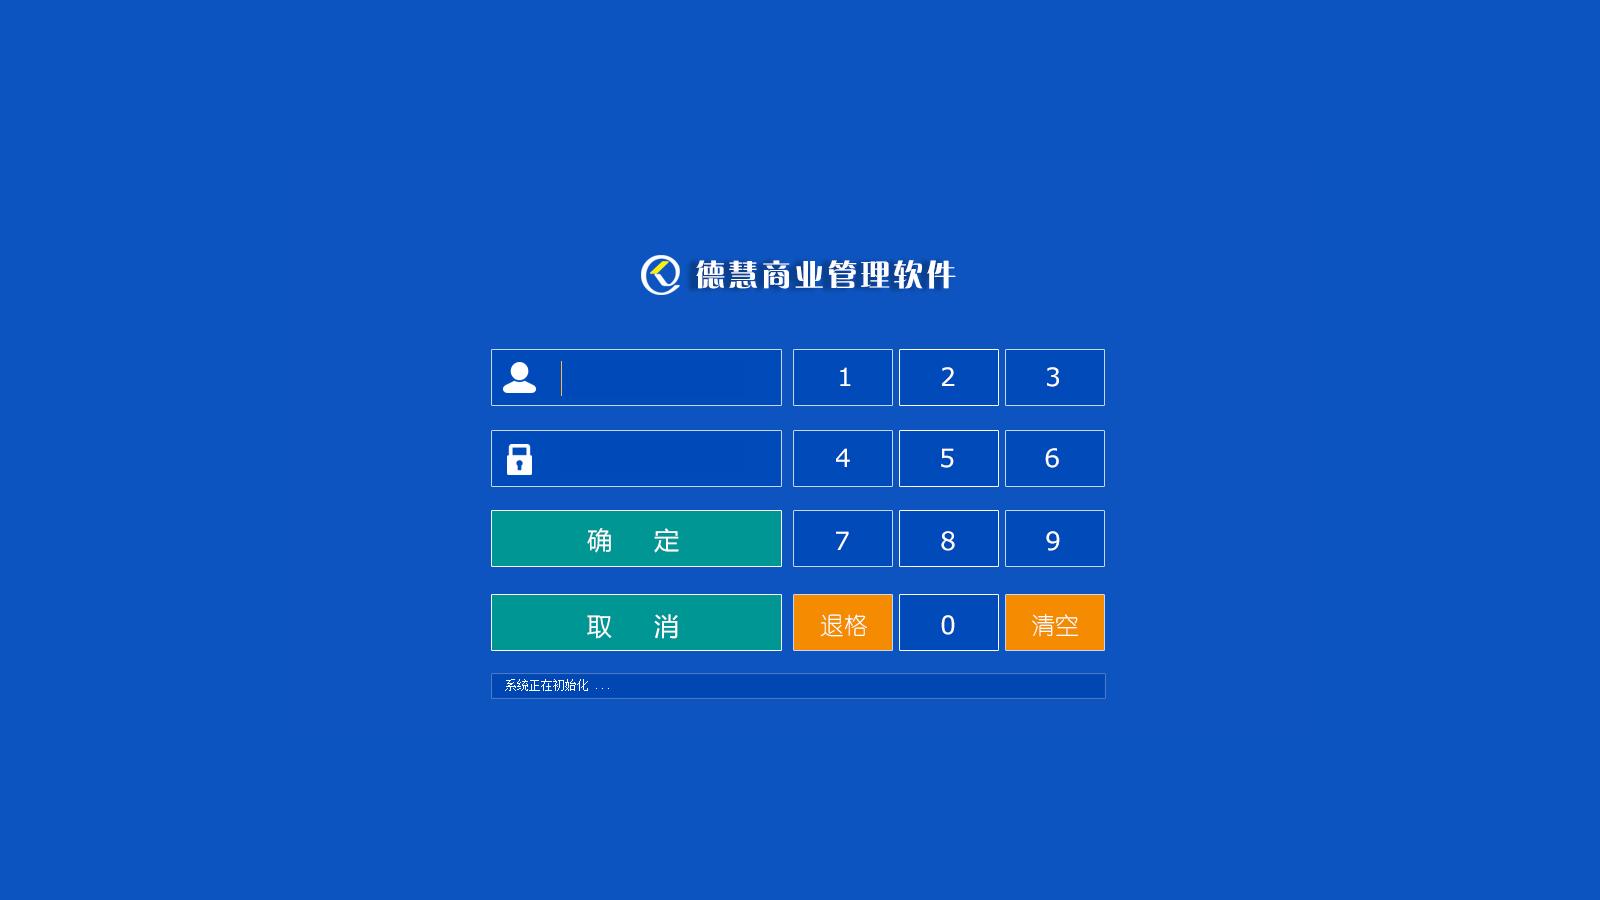 徳慧V15商业管理软件